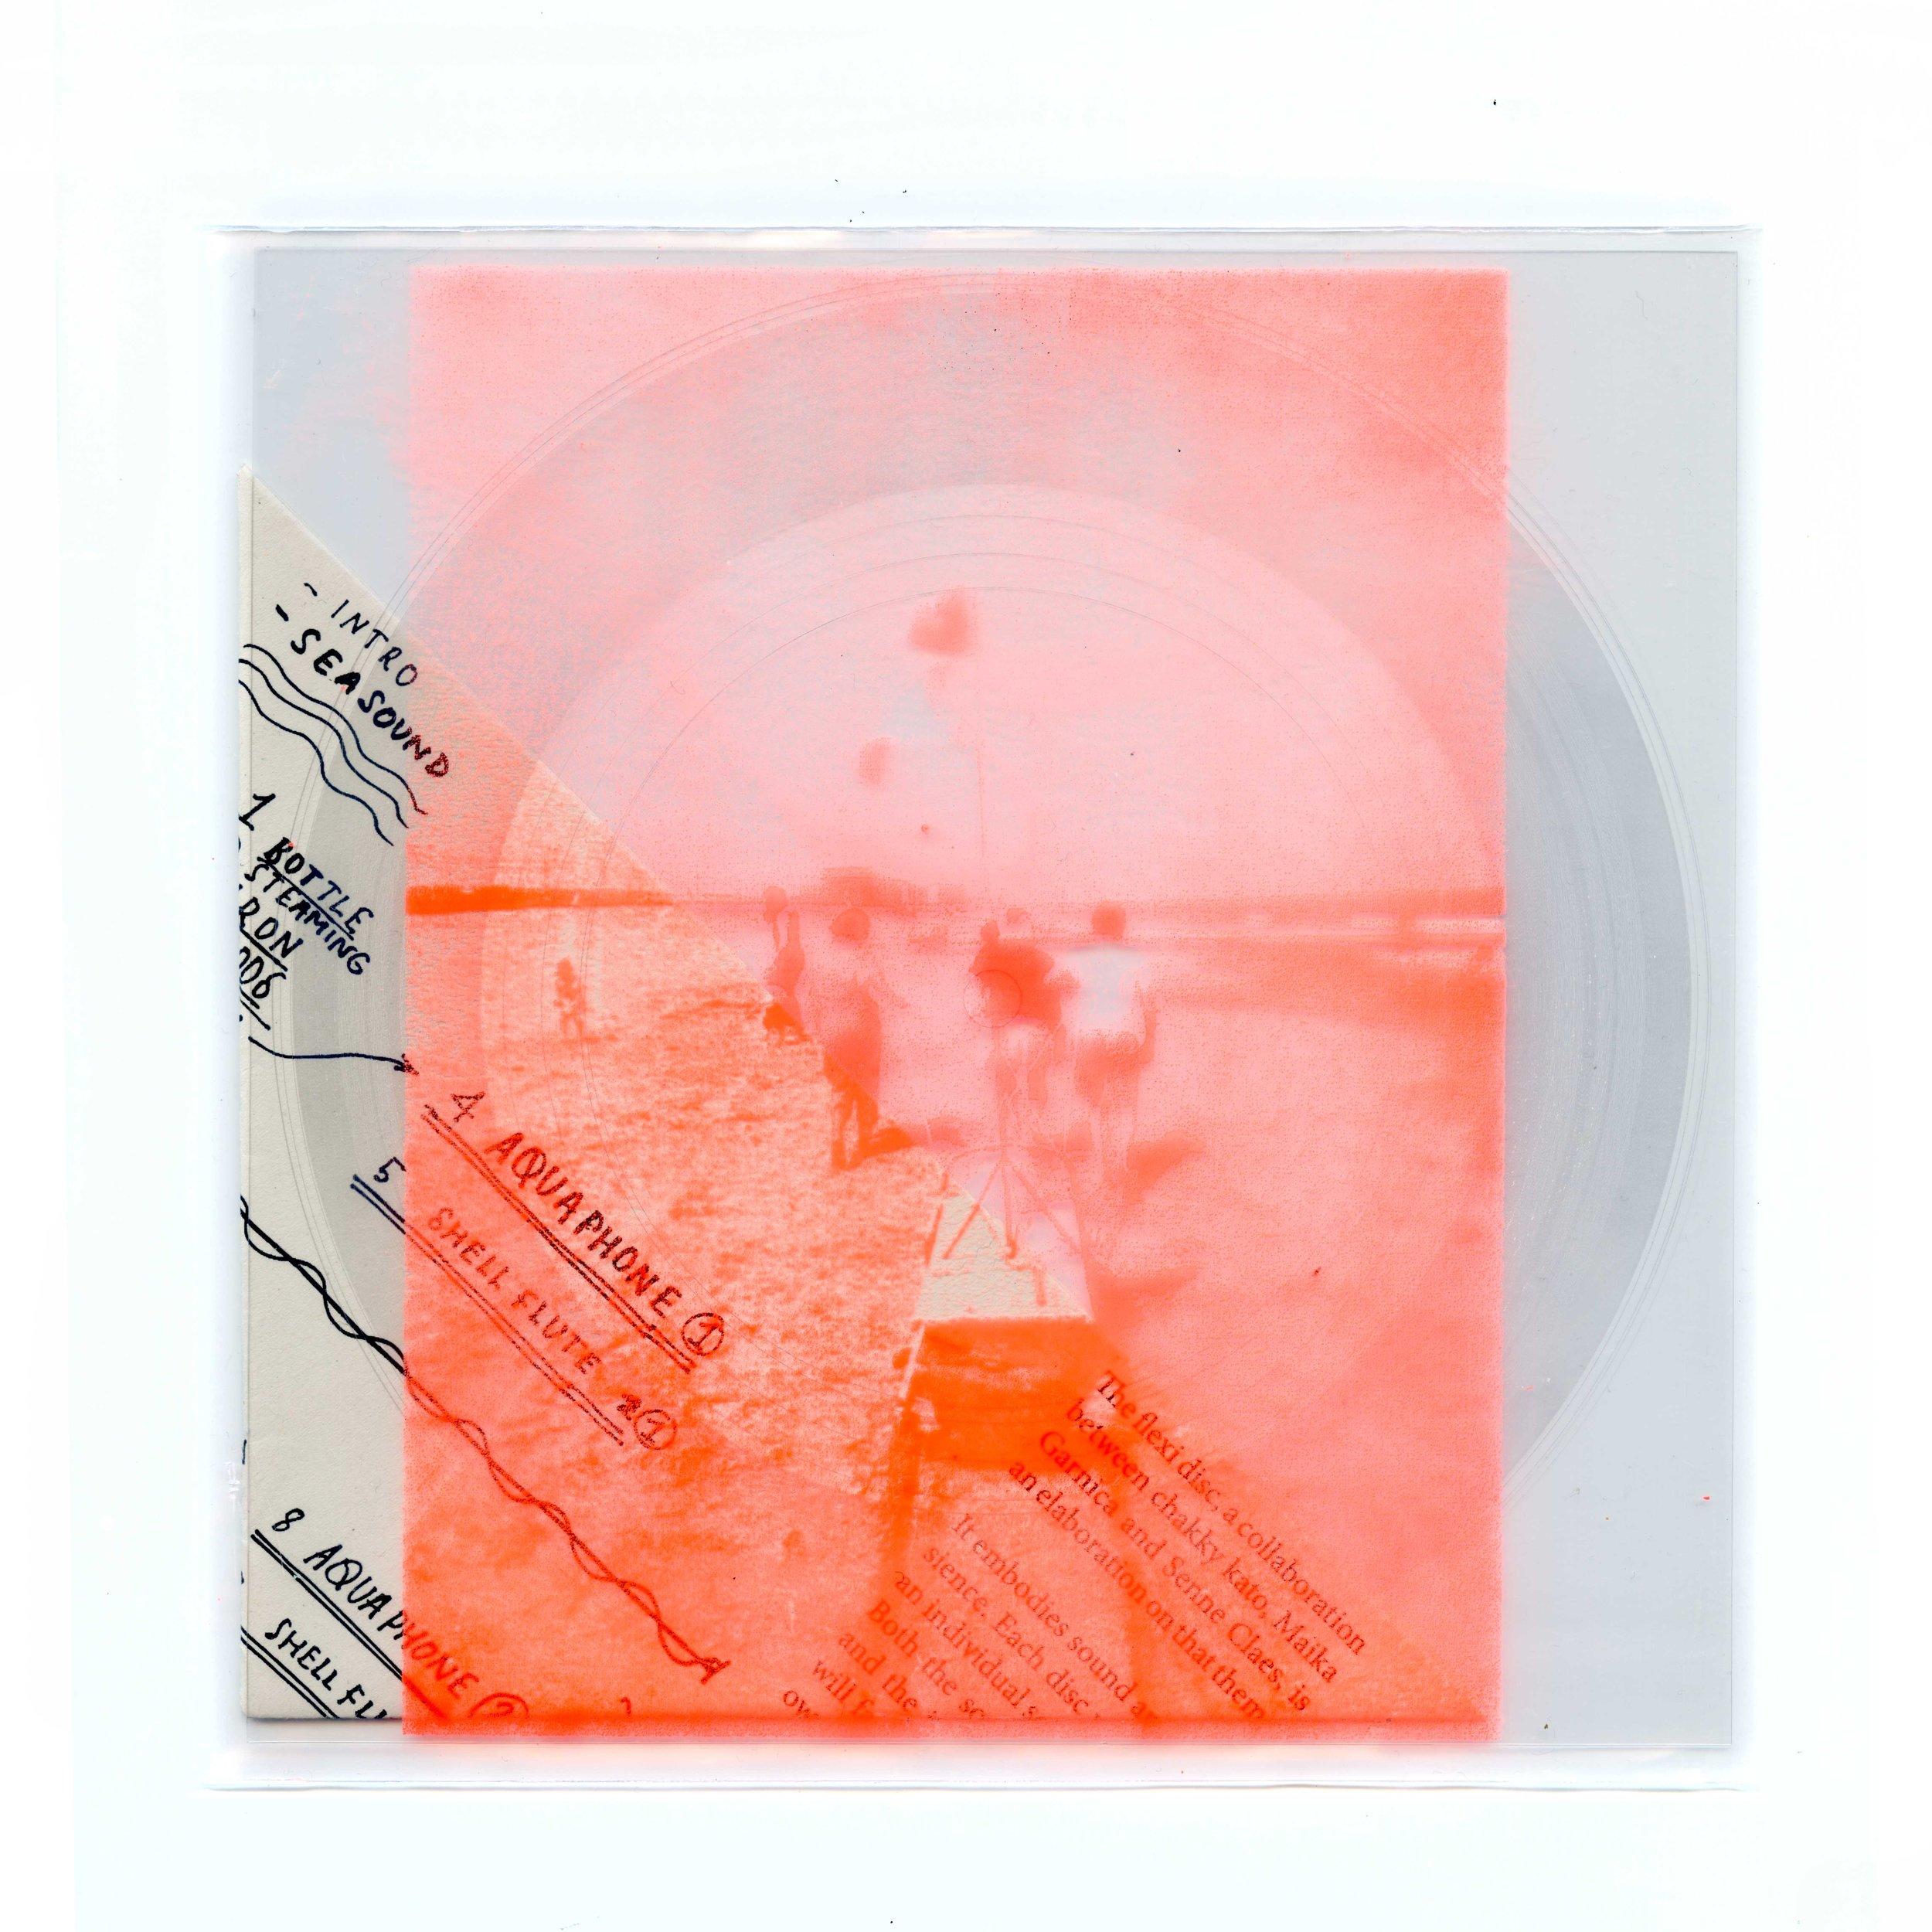 Flexi disc 2 KLEIN.jpg